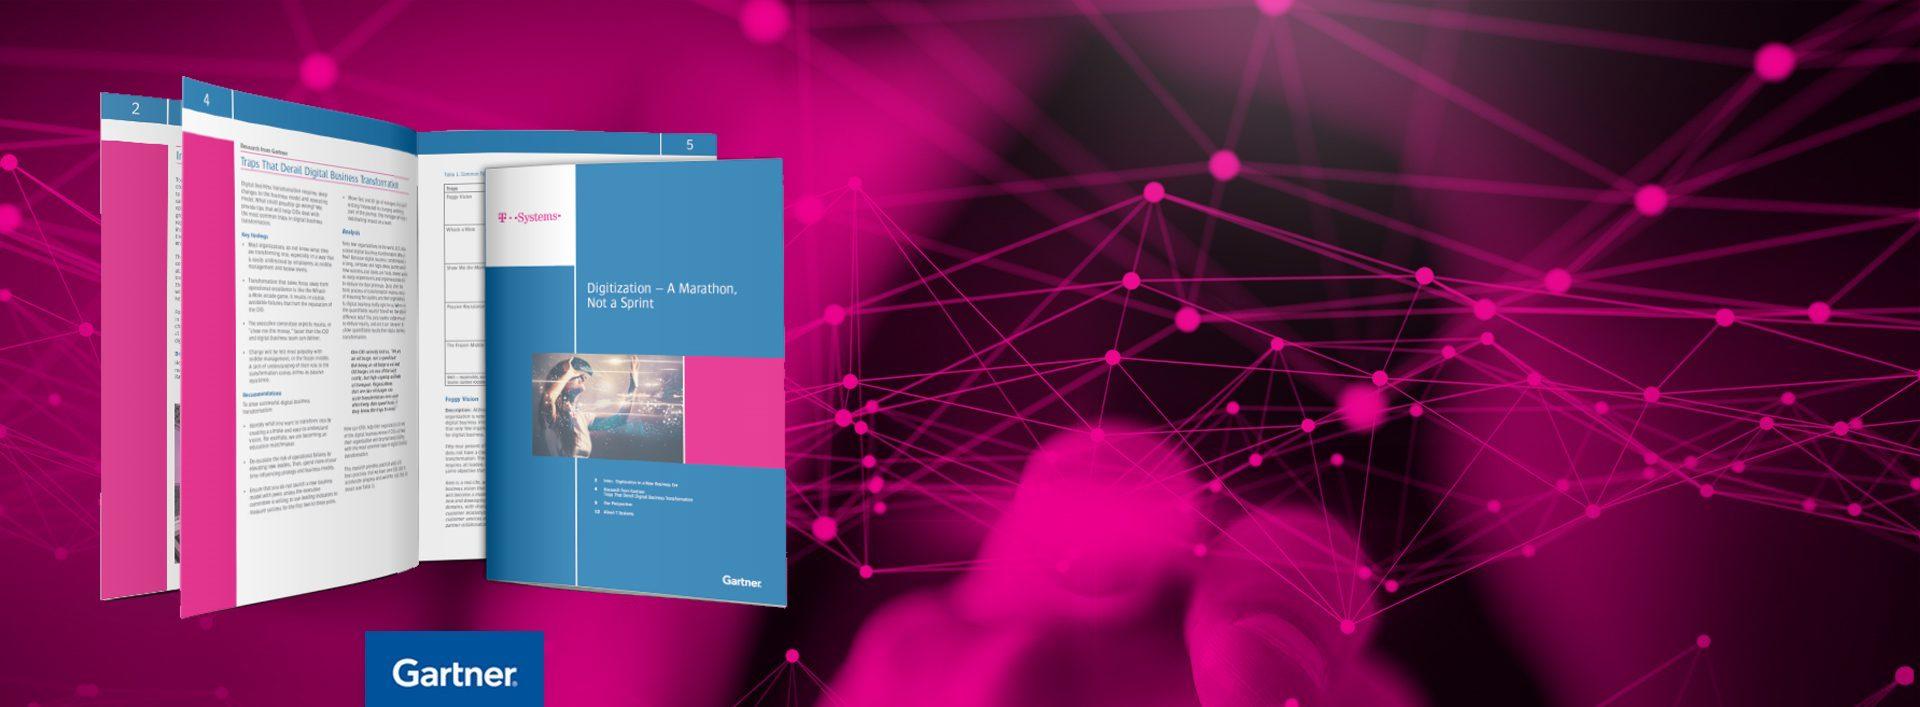 Gartner Keeping digitization on track